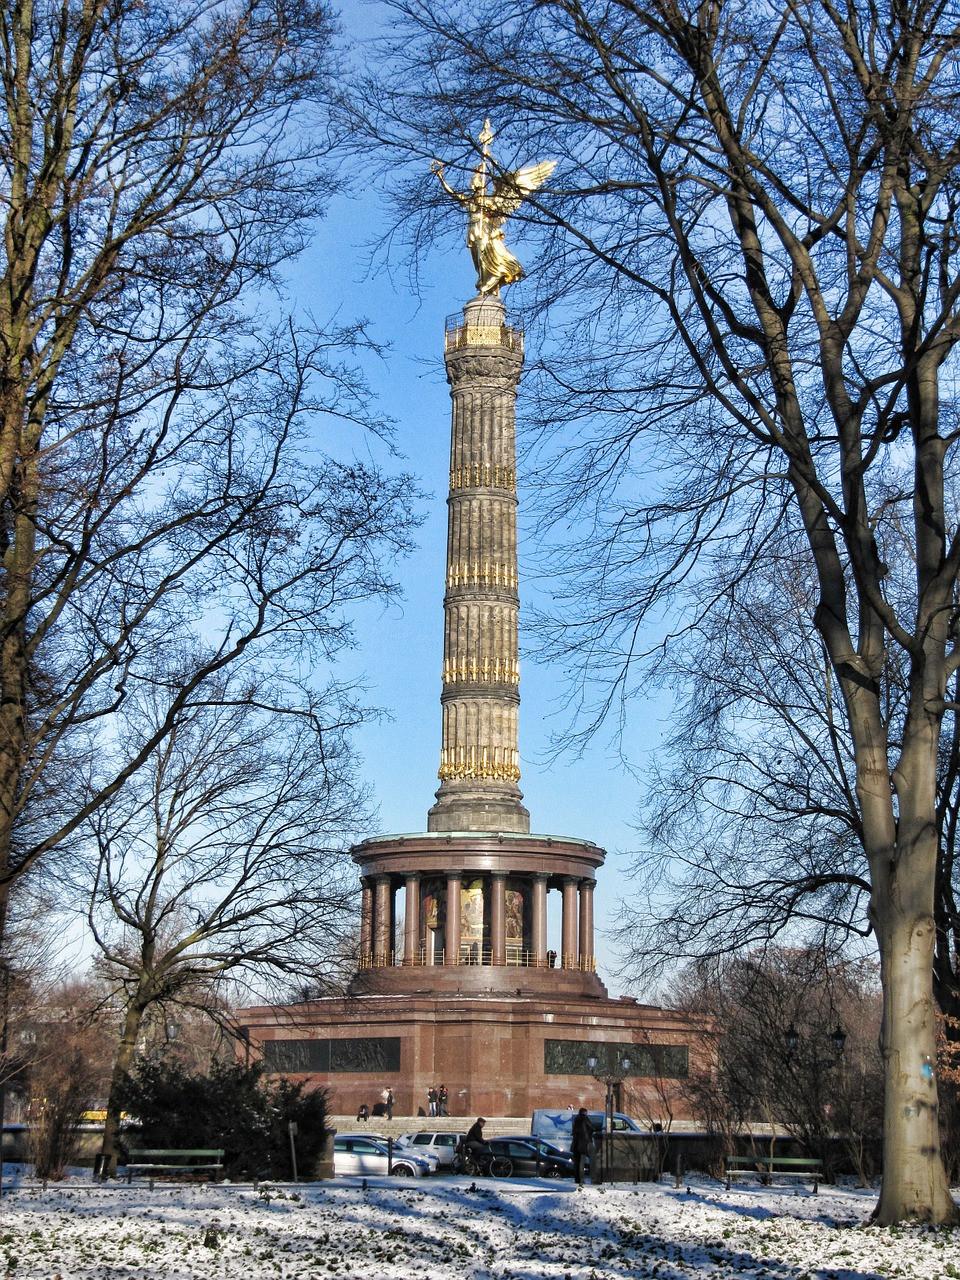 עמוד הניצחון בברלין ביום חורפי